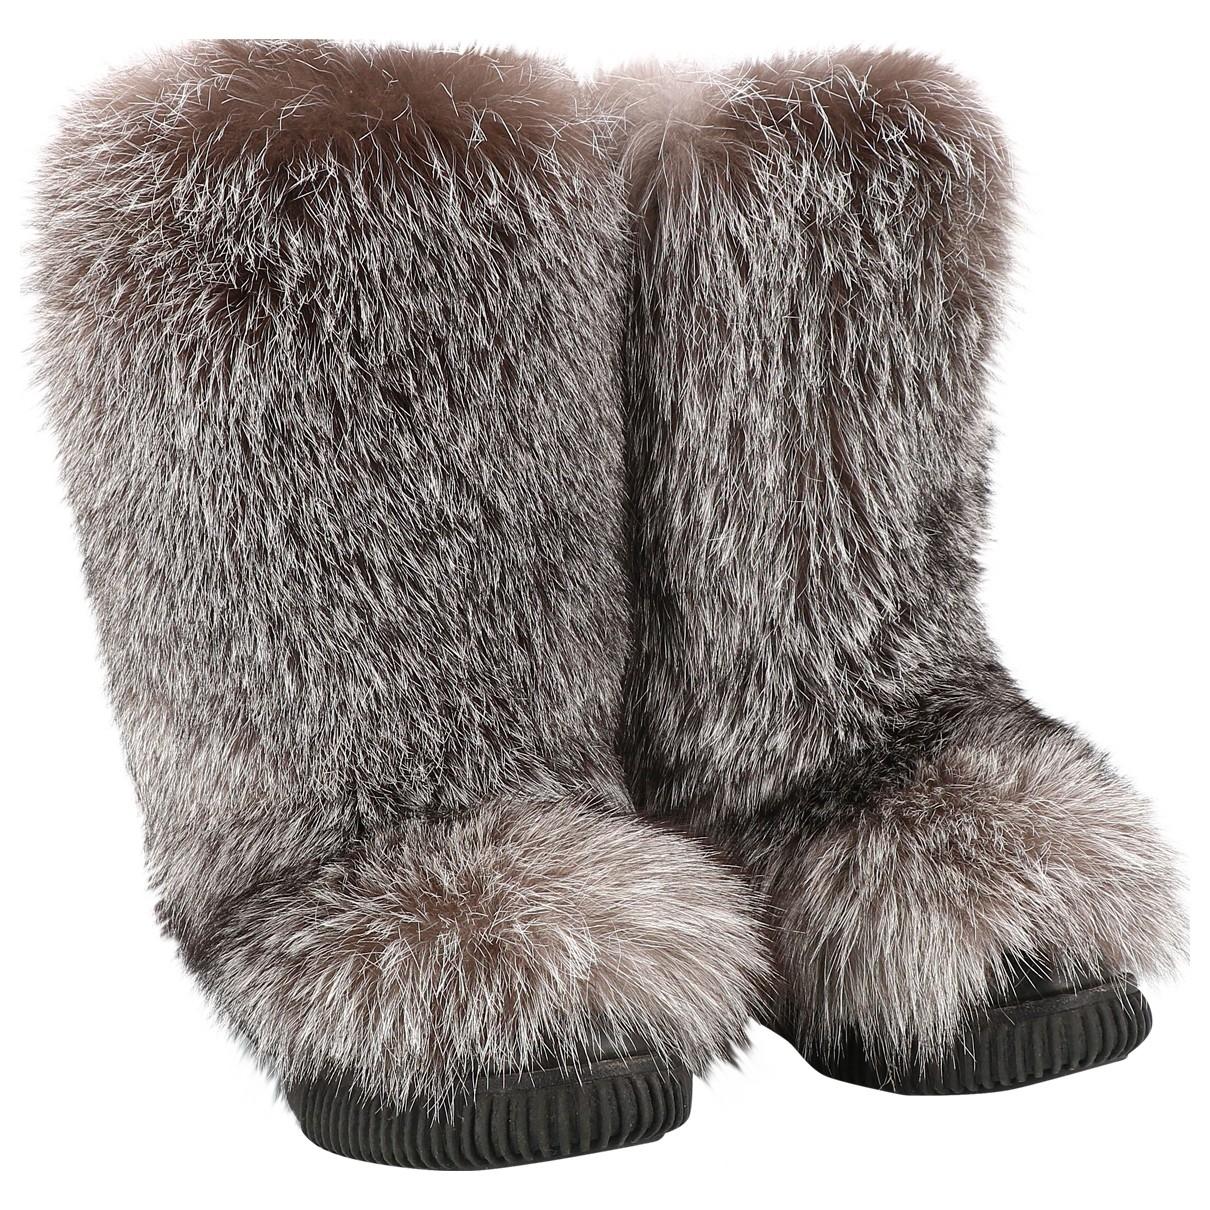 Moncler - Boots   pour femme en fourrure - beige